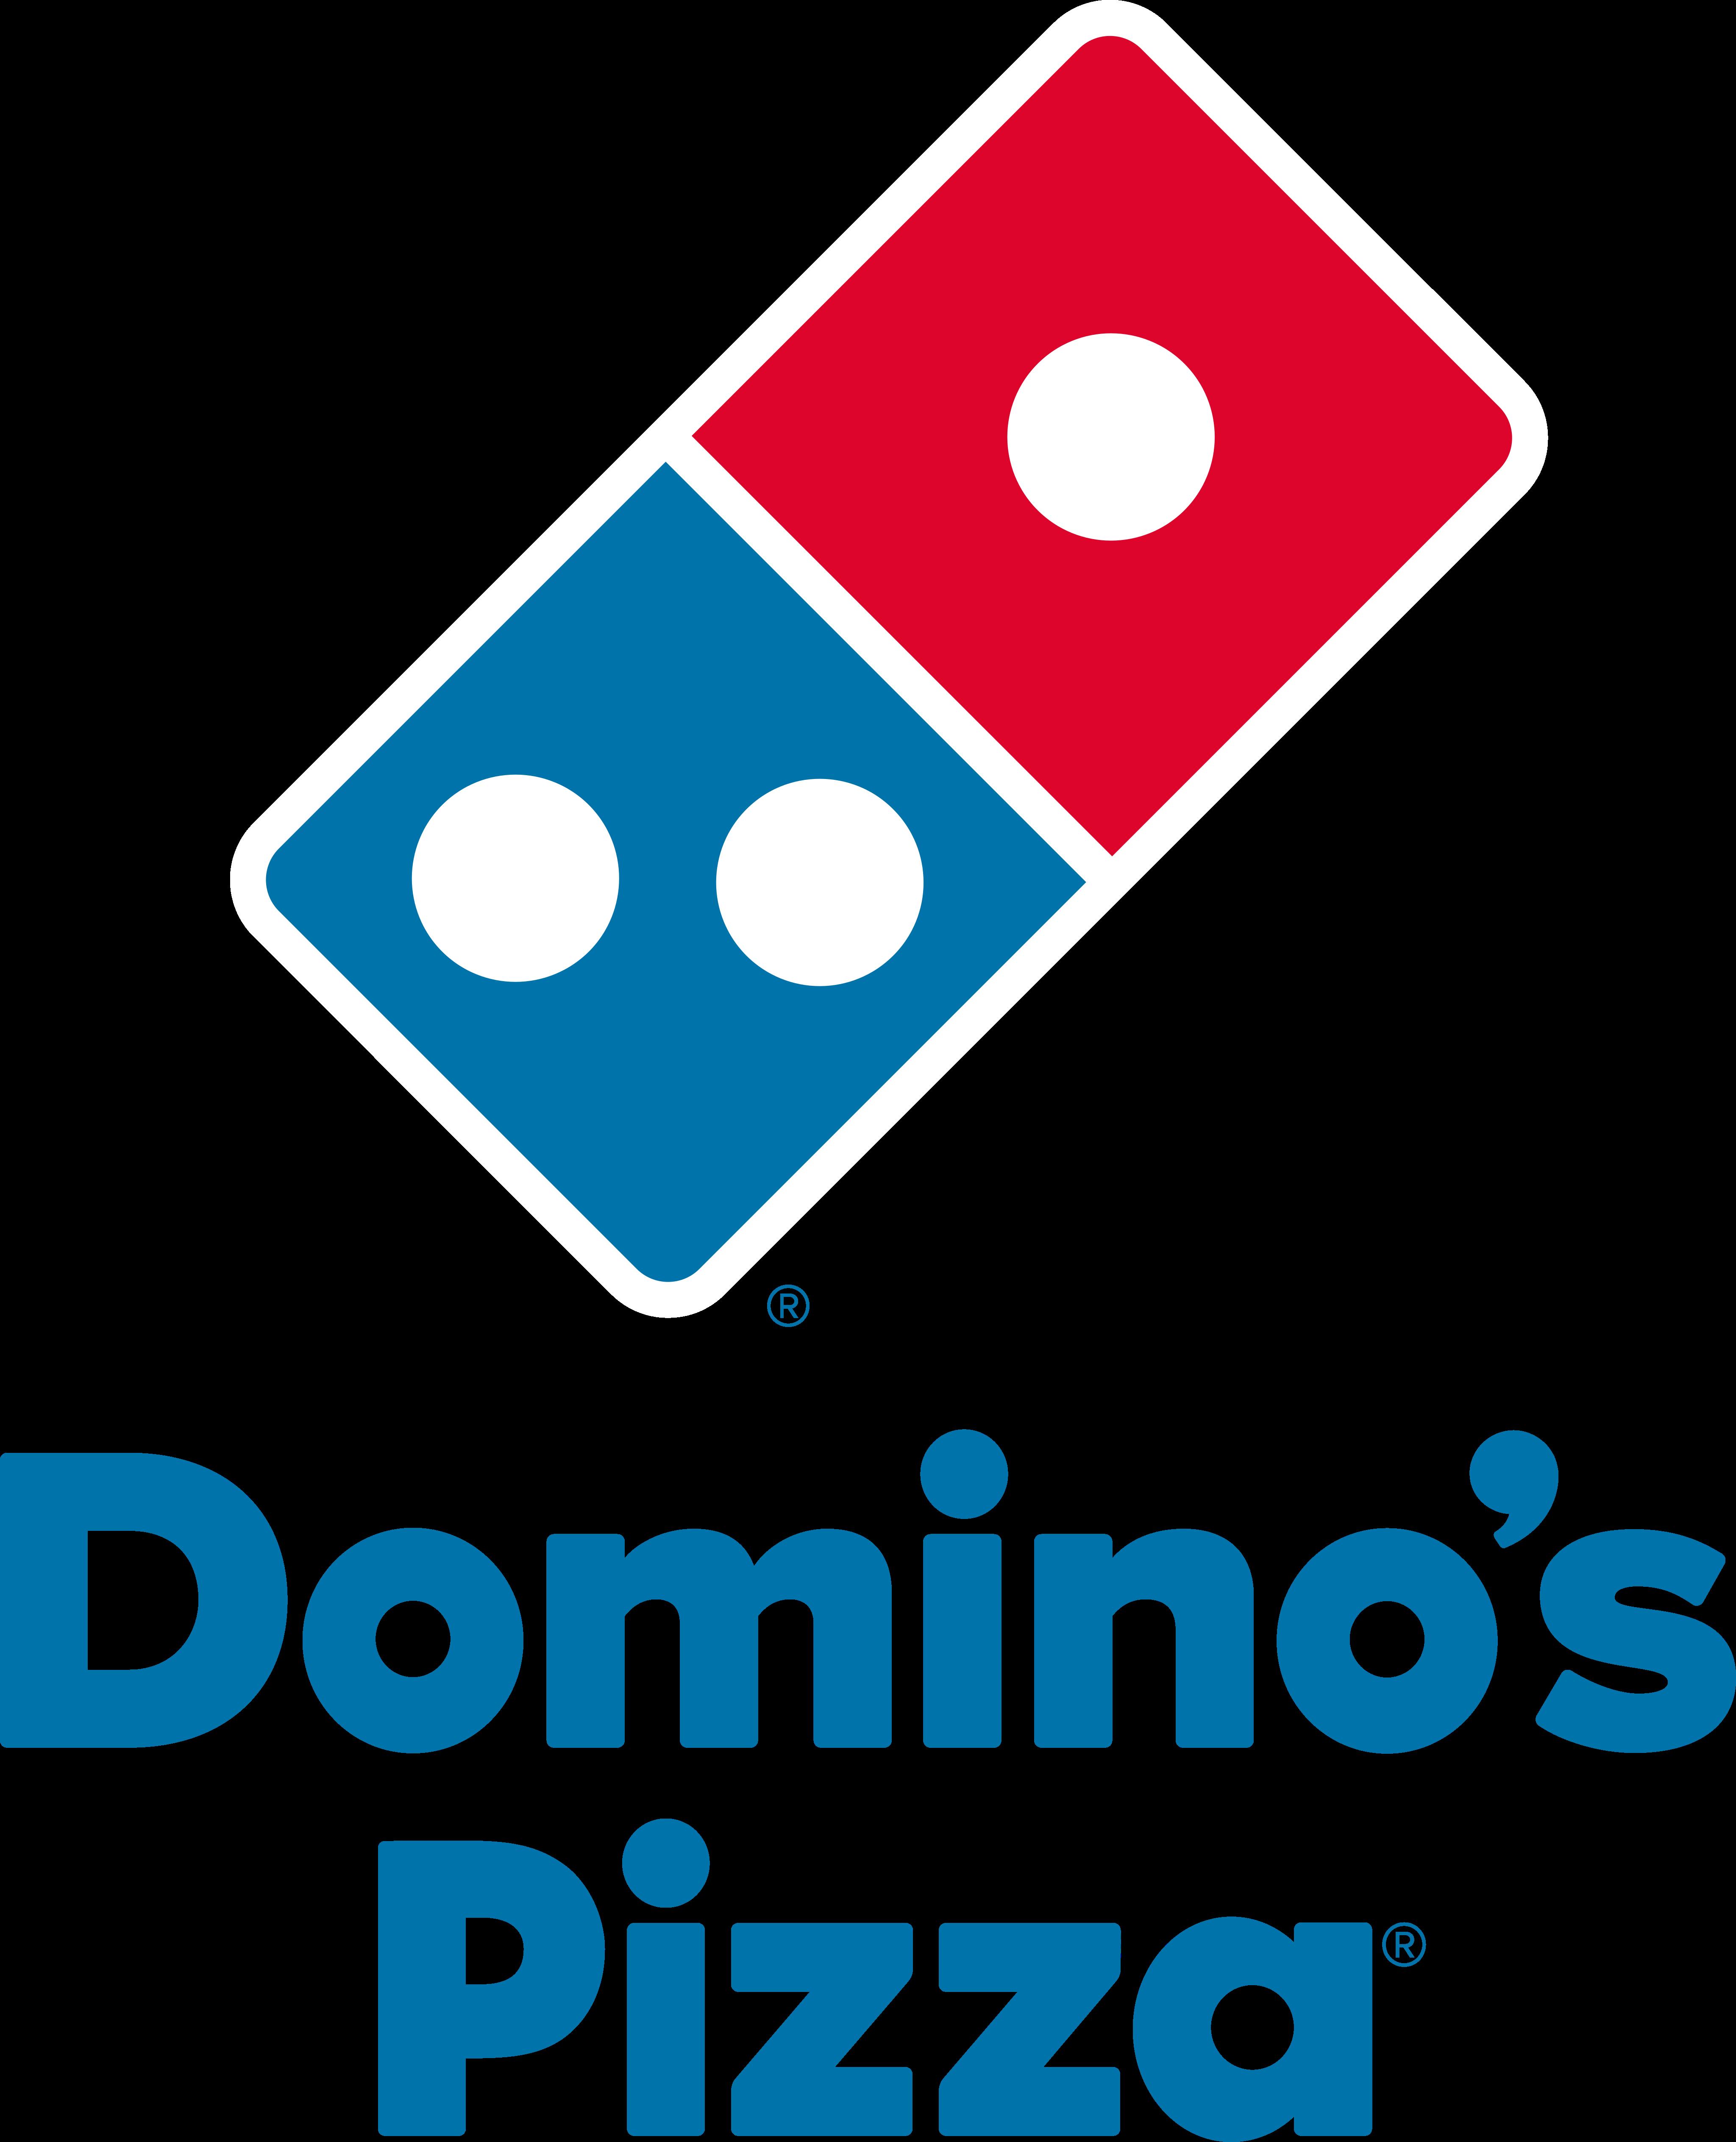 dominos pizza logo 1 - Domino's Pizza Logo